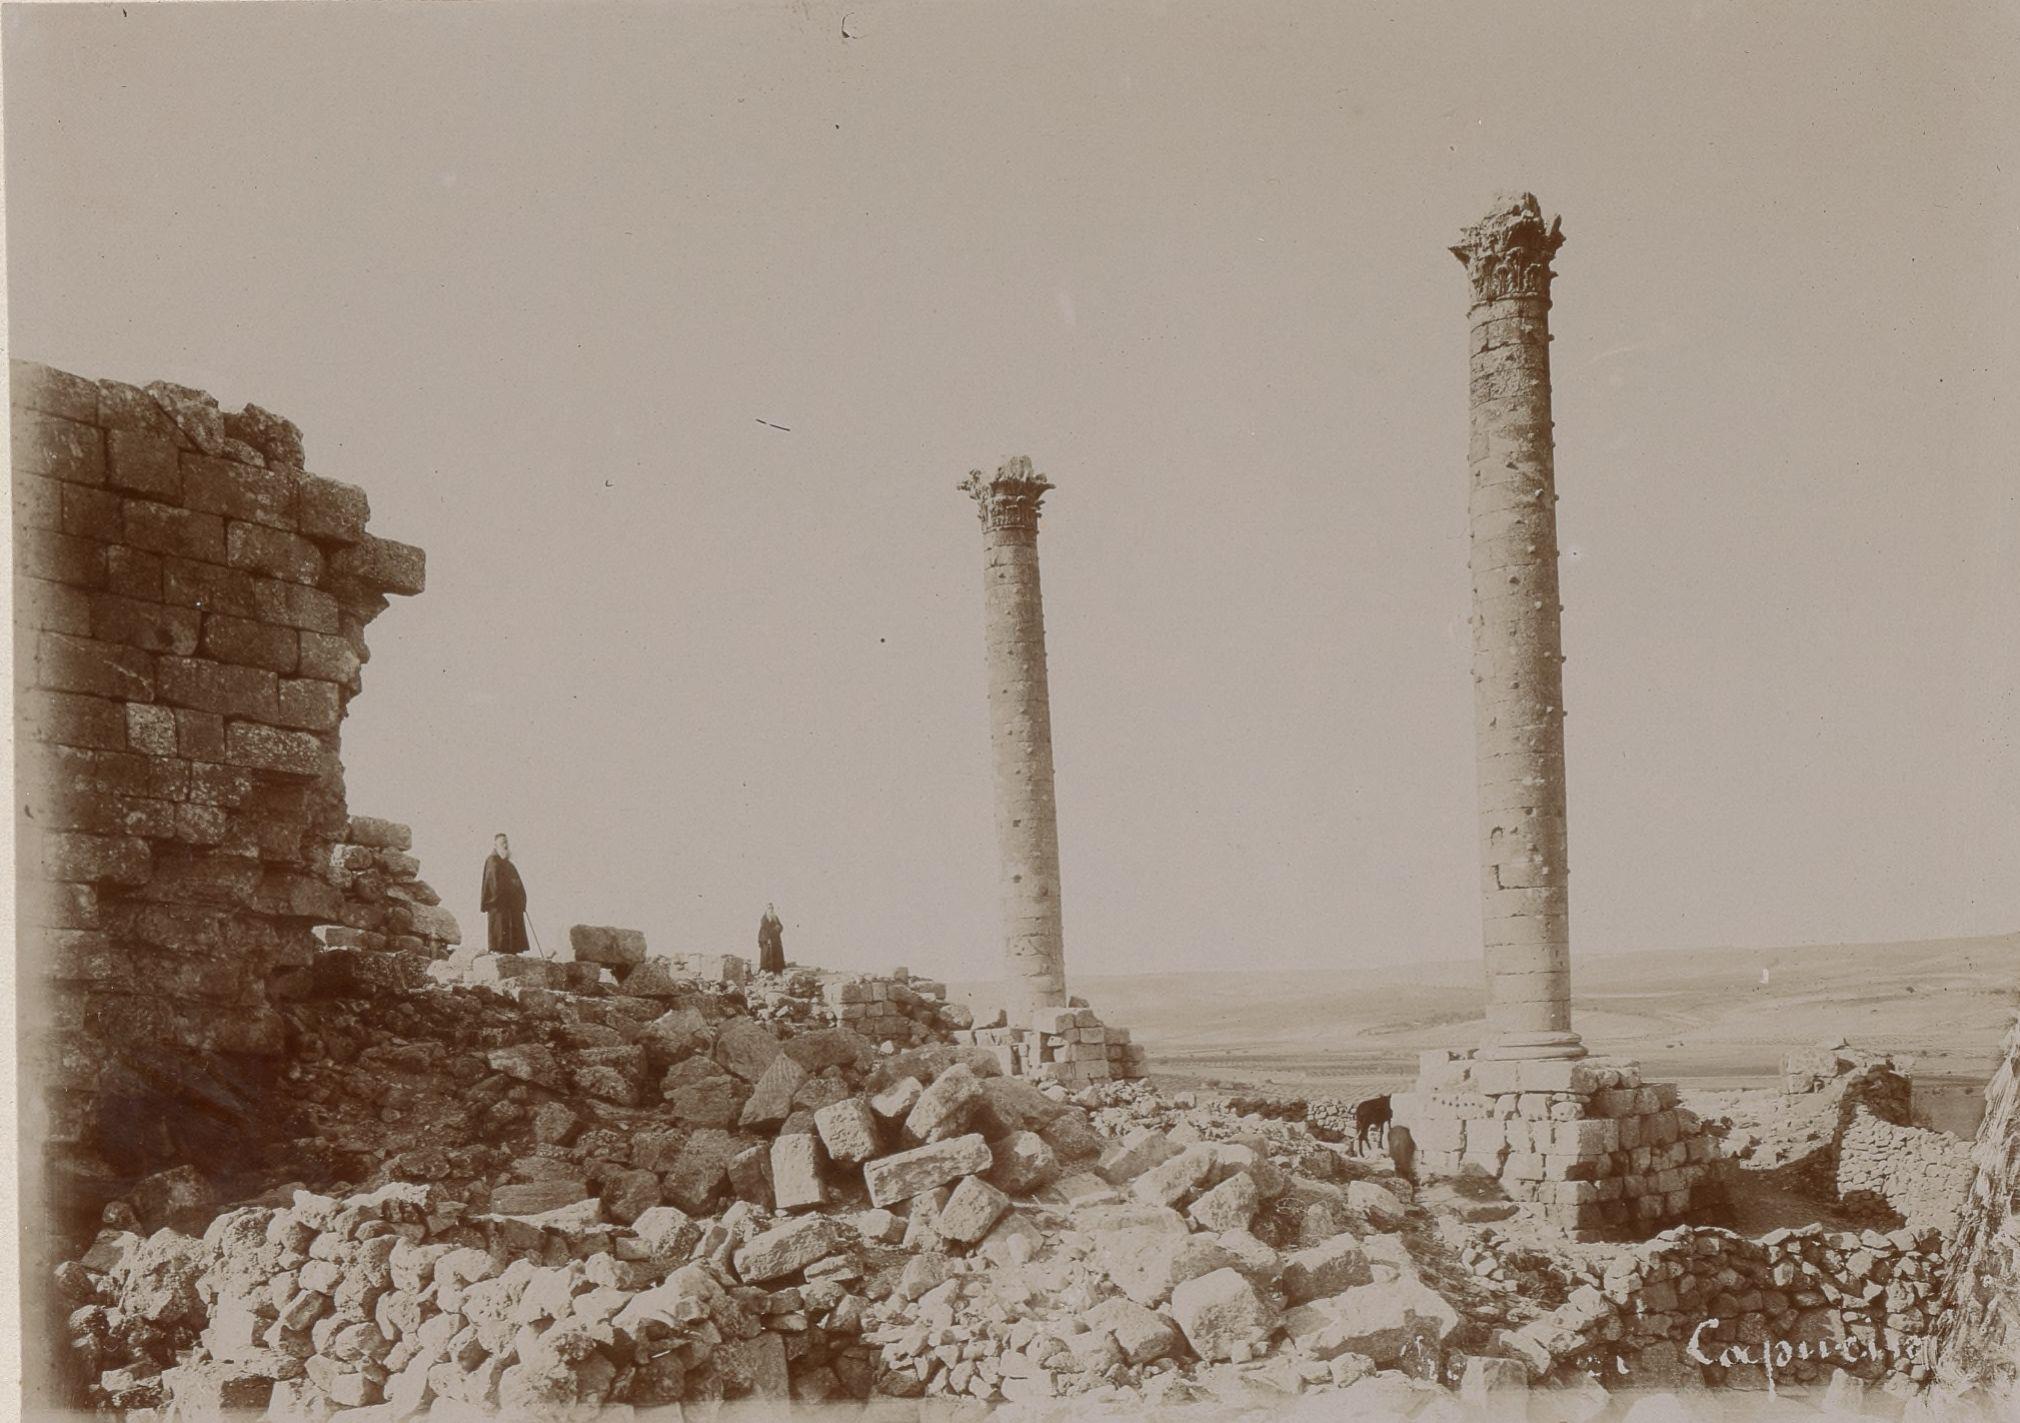 Урфа. Колонны древней цитадели Эдессы, воздвигнутой царем Абгаром V Уккама